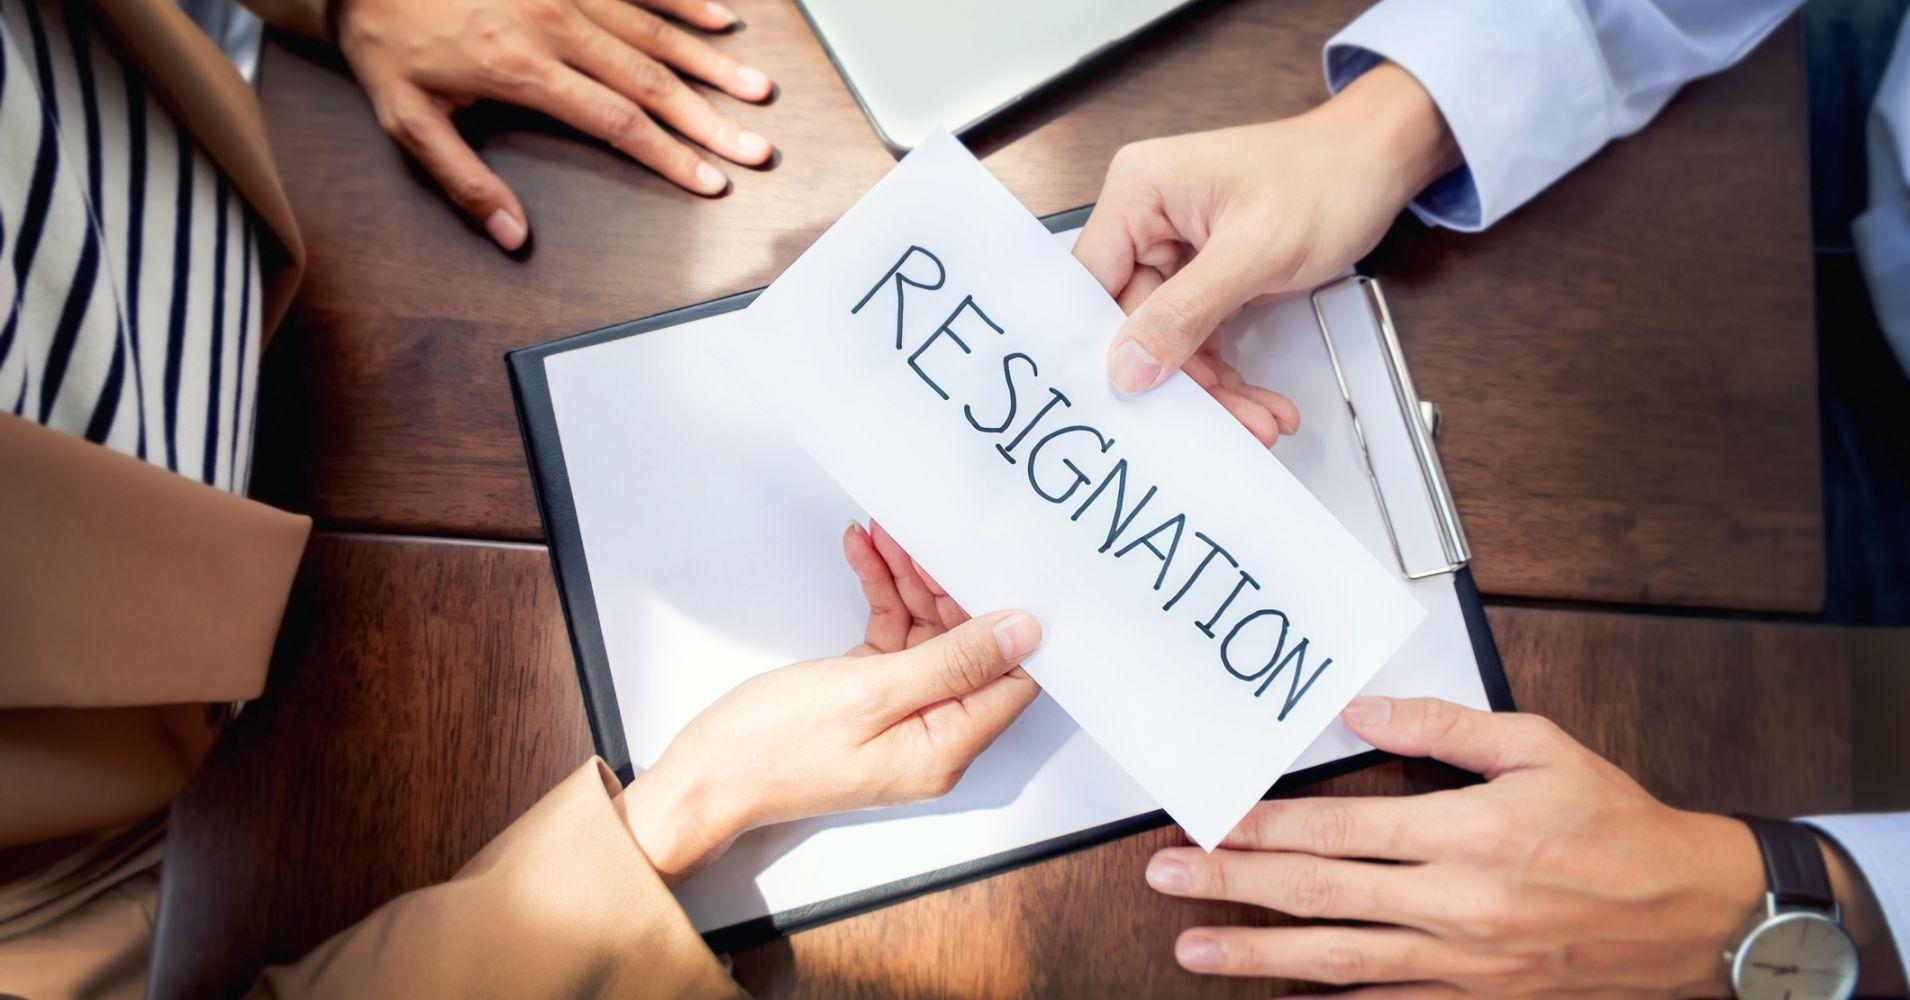 Alasan yang Kerap Digunakan Saat Mengajukan Resign